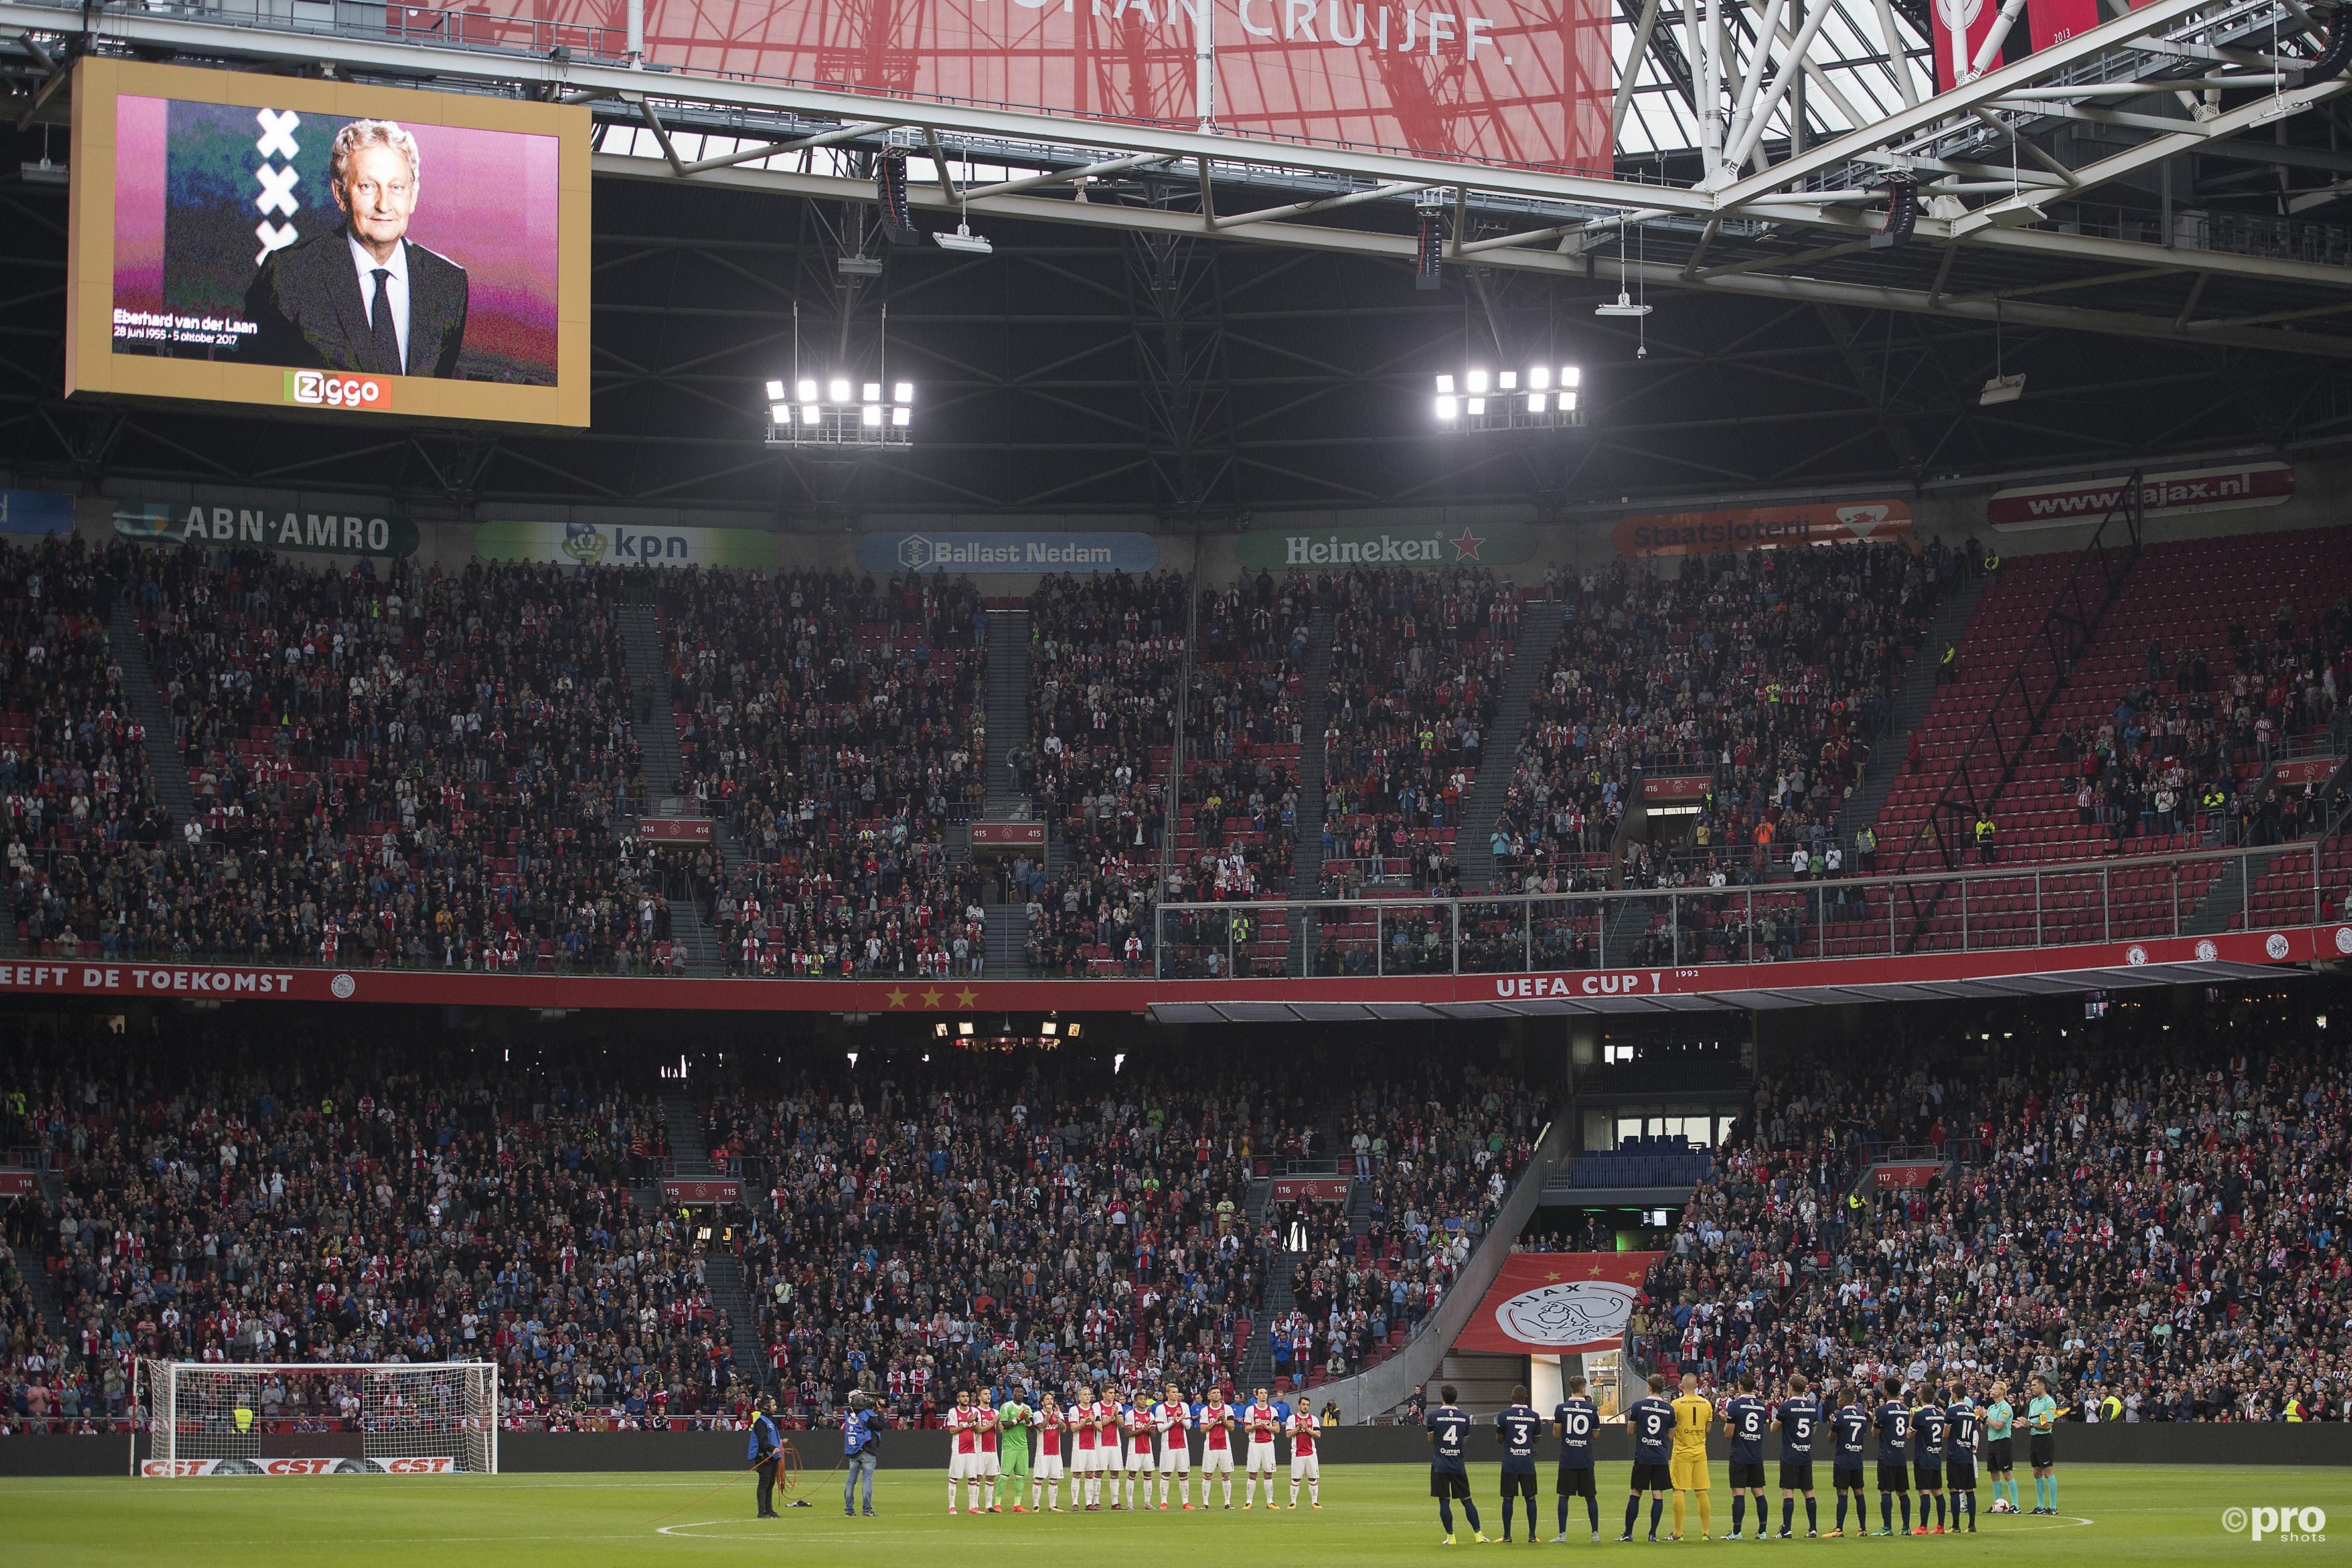 Ajax herdenkt burgemeester Van der Laan. (PRO SHOTS/Jasper Ruhe)